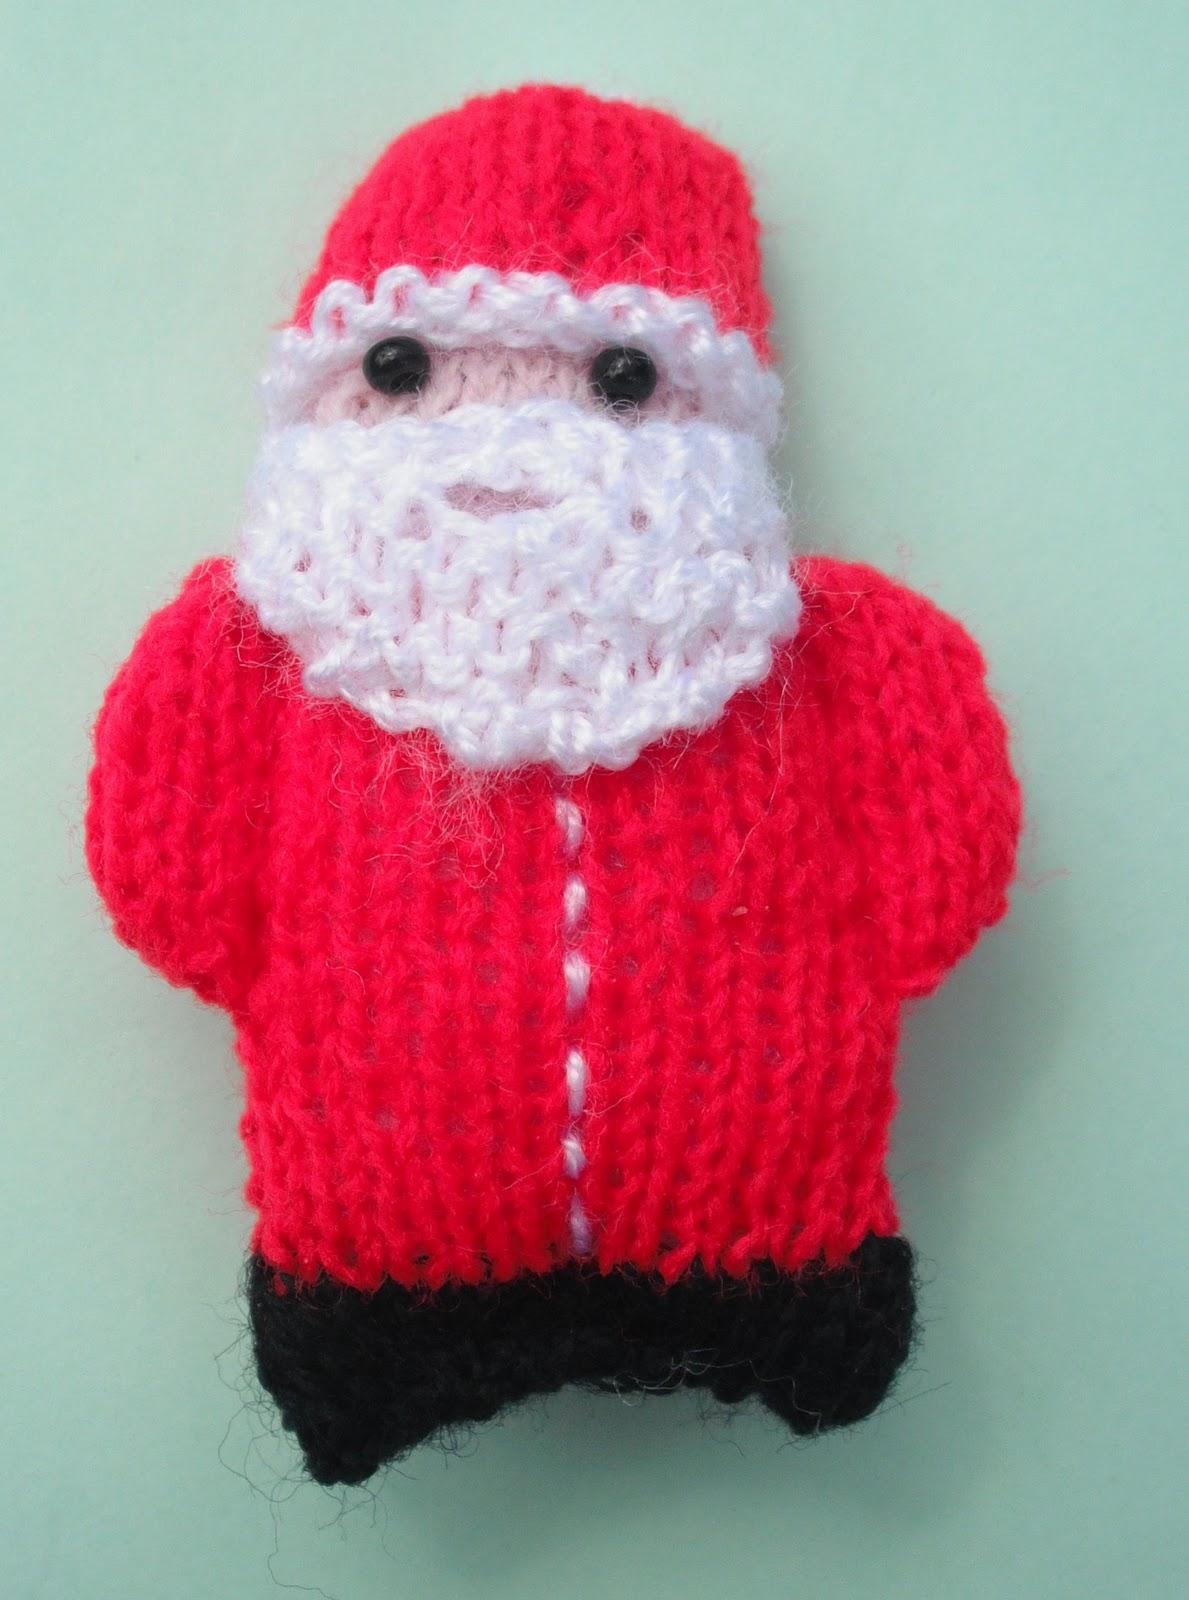 Knitting Patterns For Dolls Houses : bitstobuy: Miniature knitting is not just for Christmas....